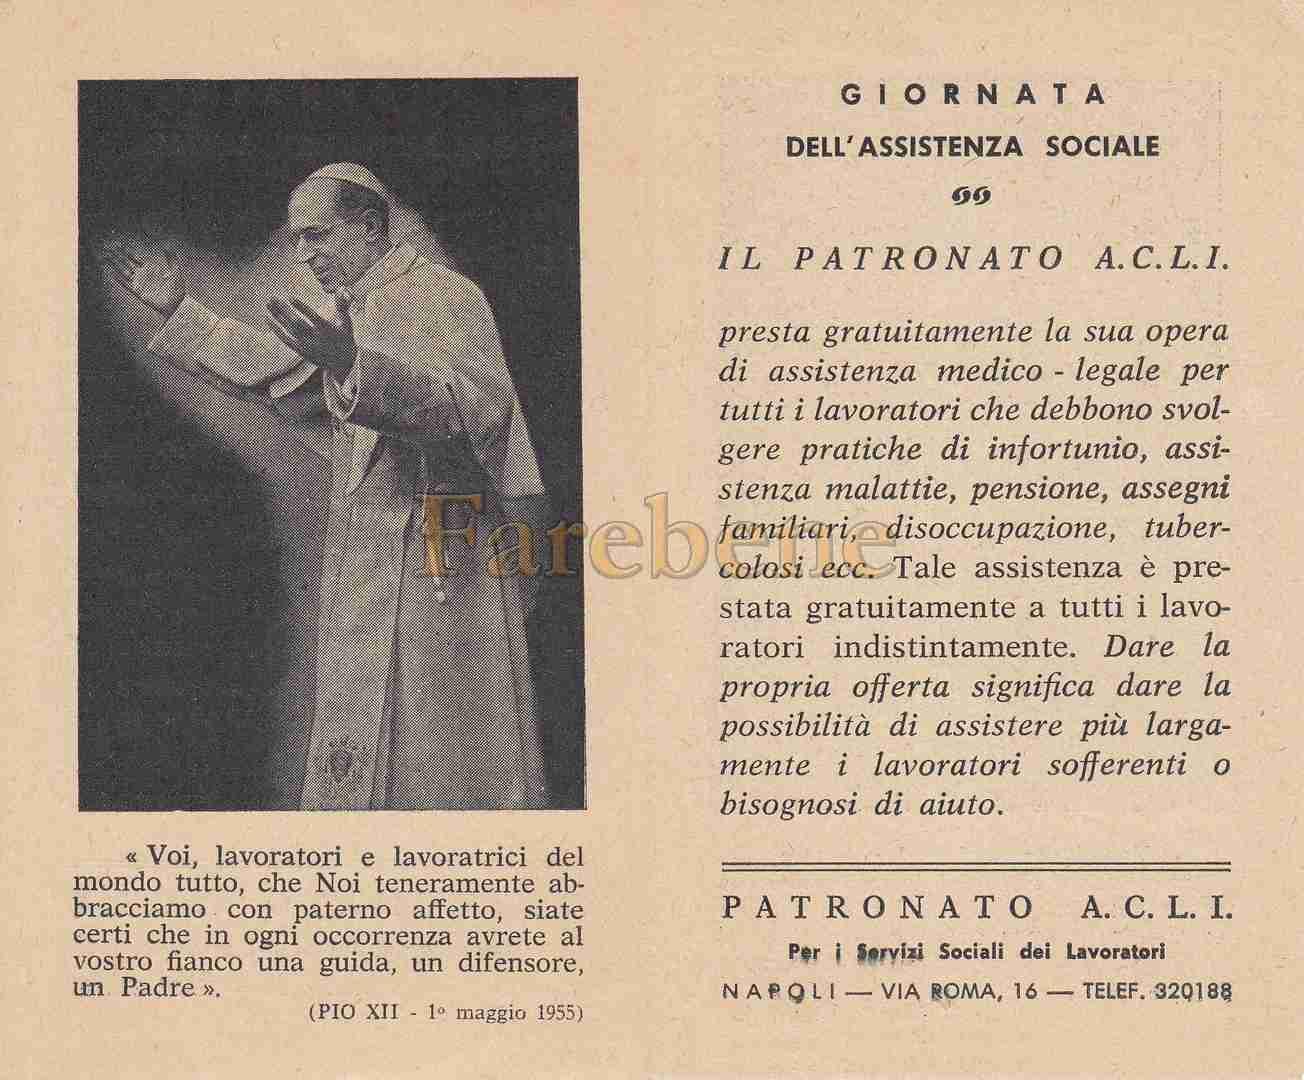 giornata-assistenza-sociale-1956